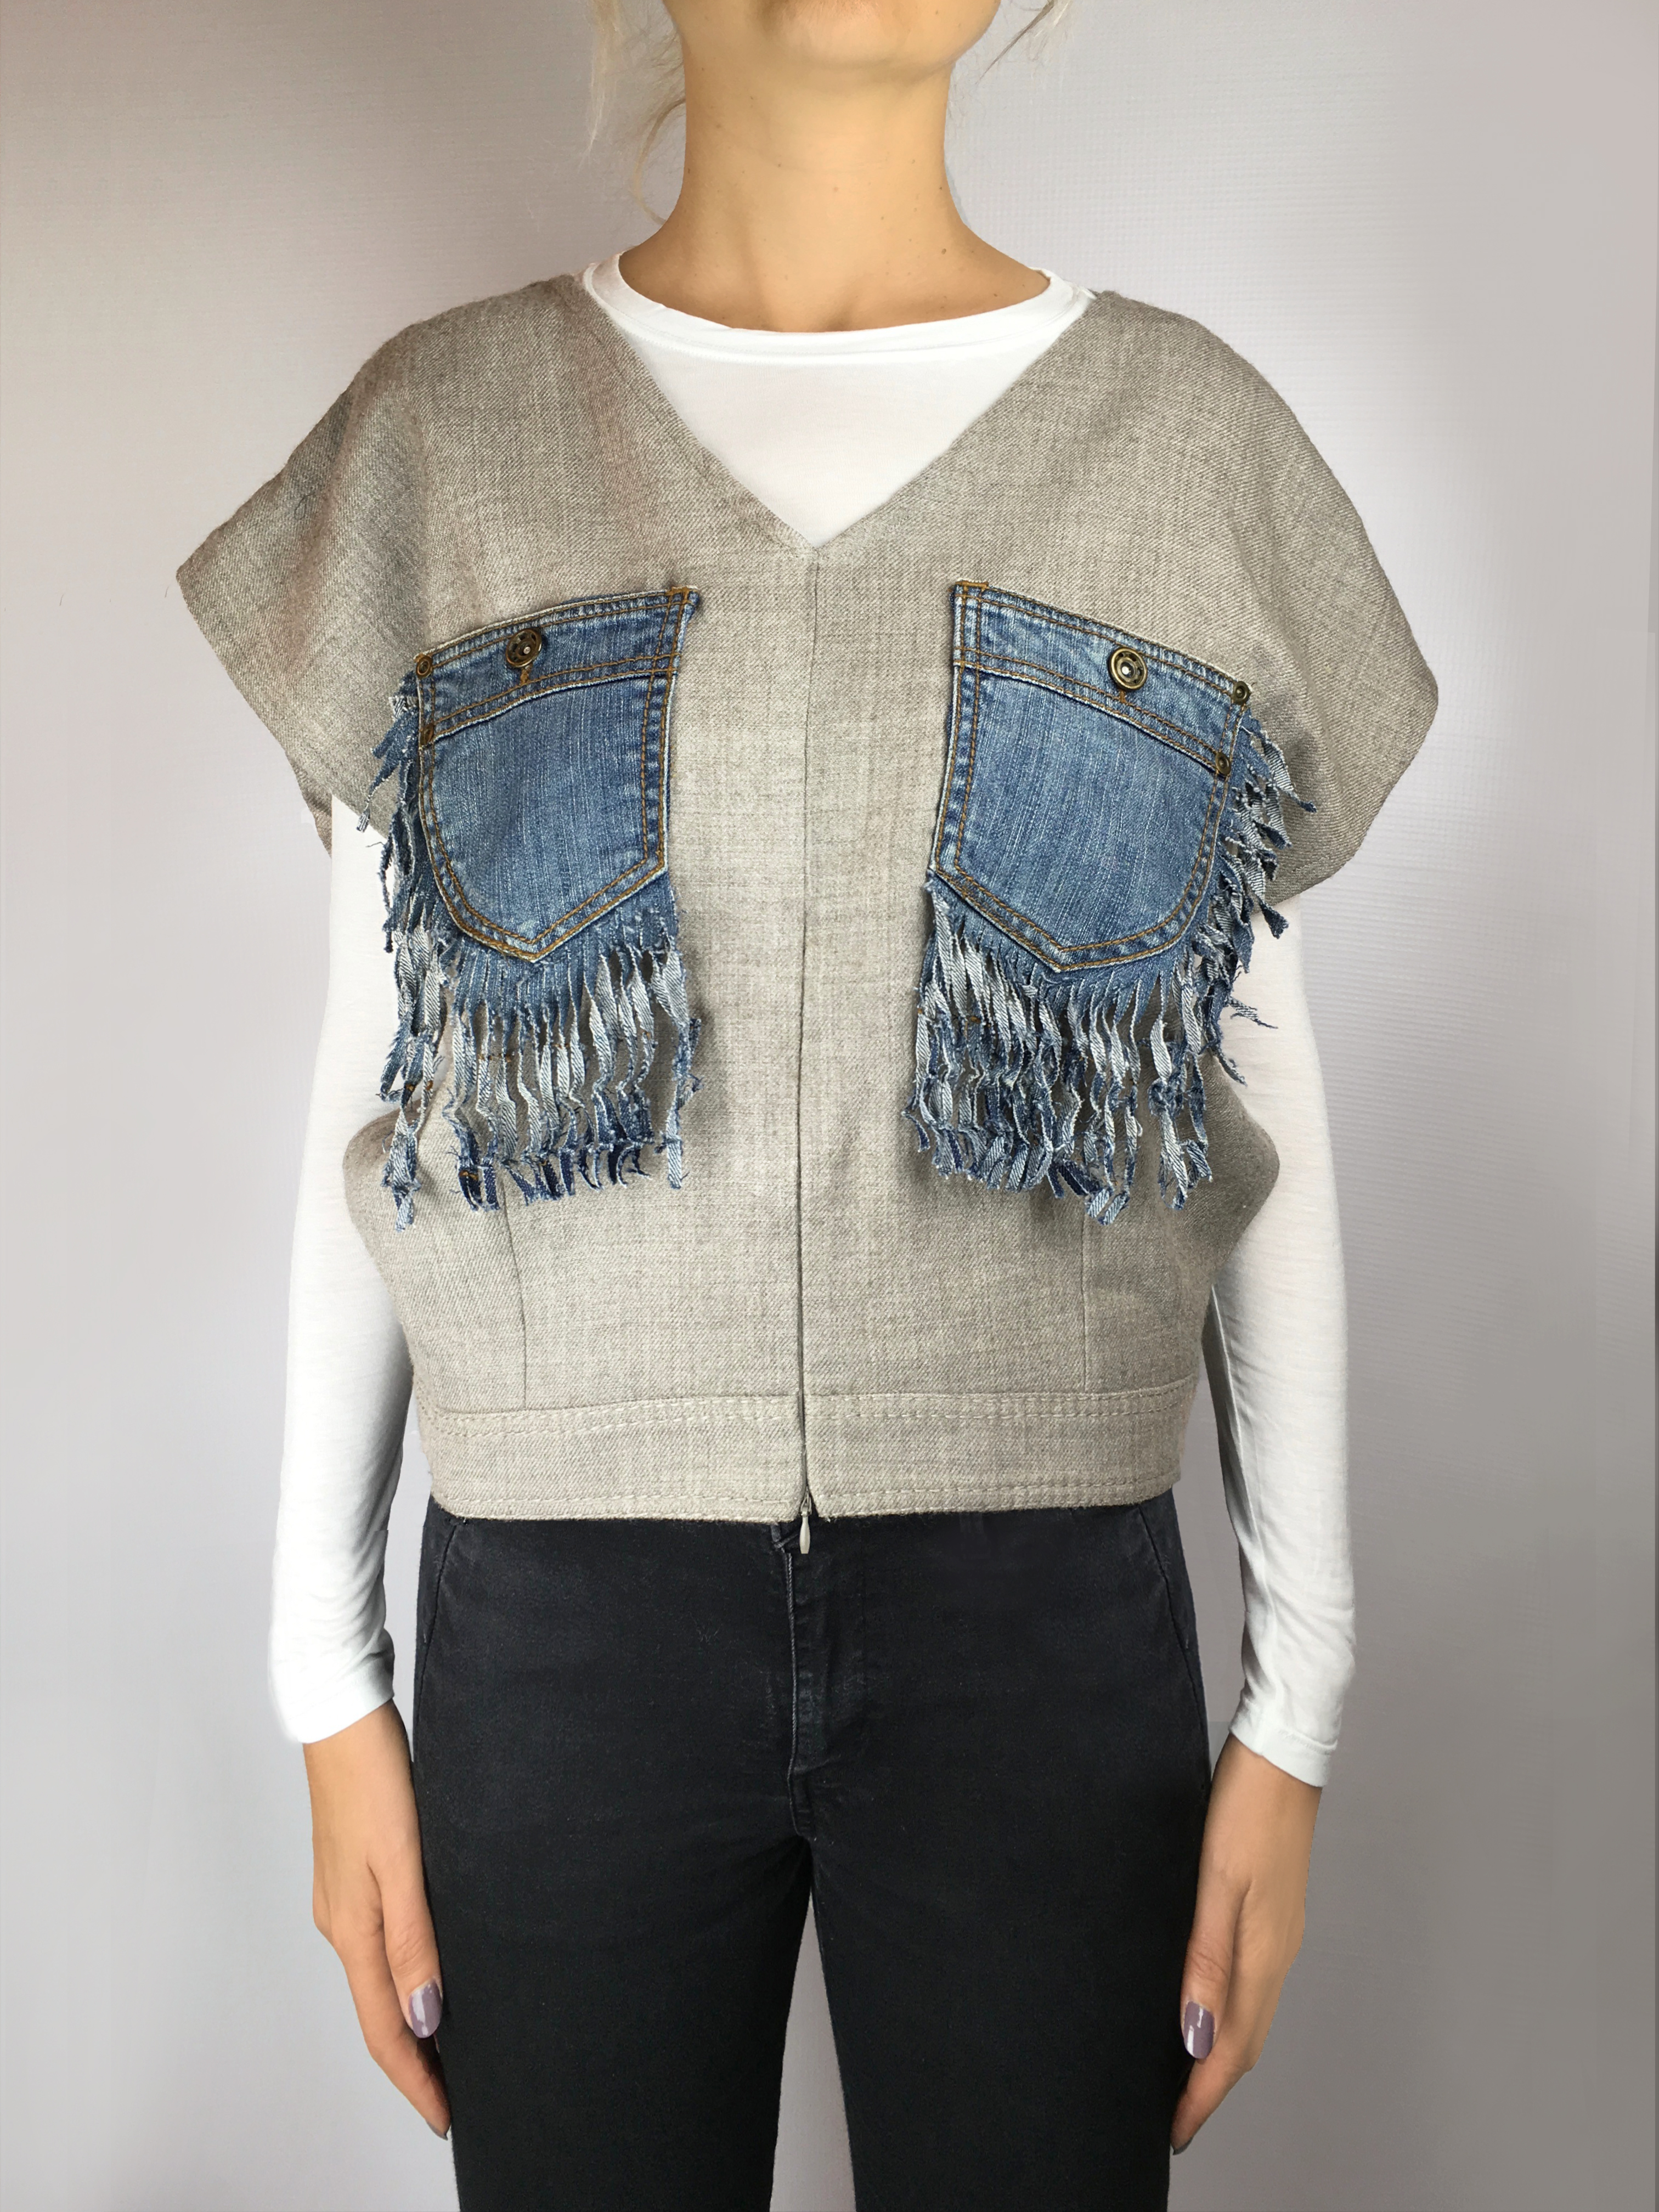 MILOVA 2017 top poches jeans frange